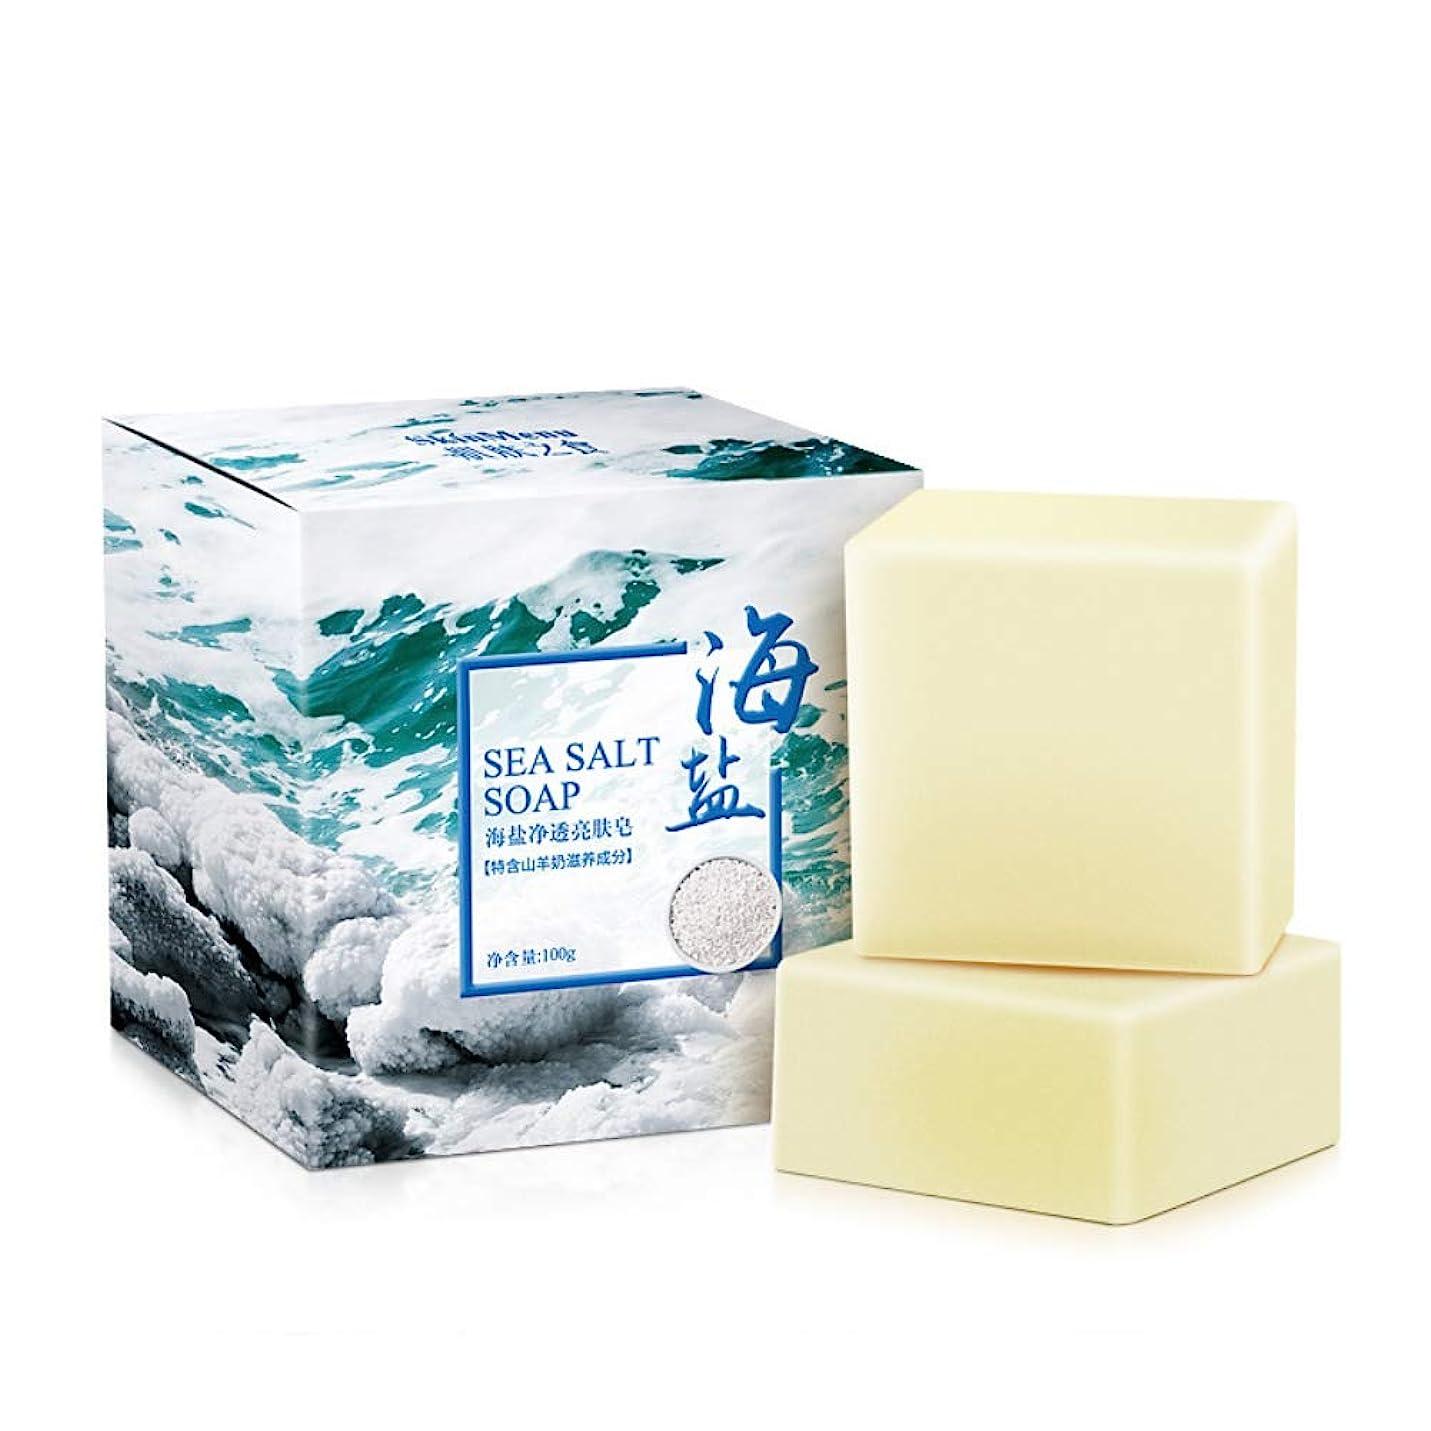 落胆したフック繊細Cutelove 石鹸 にきび用石鹸 海塩石鹸 海塩石鹸にきび パーソナルケア製品 補修石鹸 ボディークリーニング製品